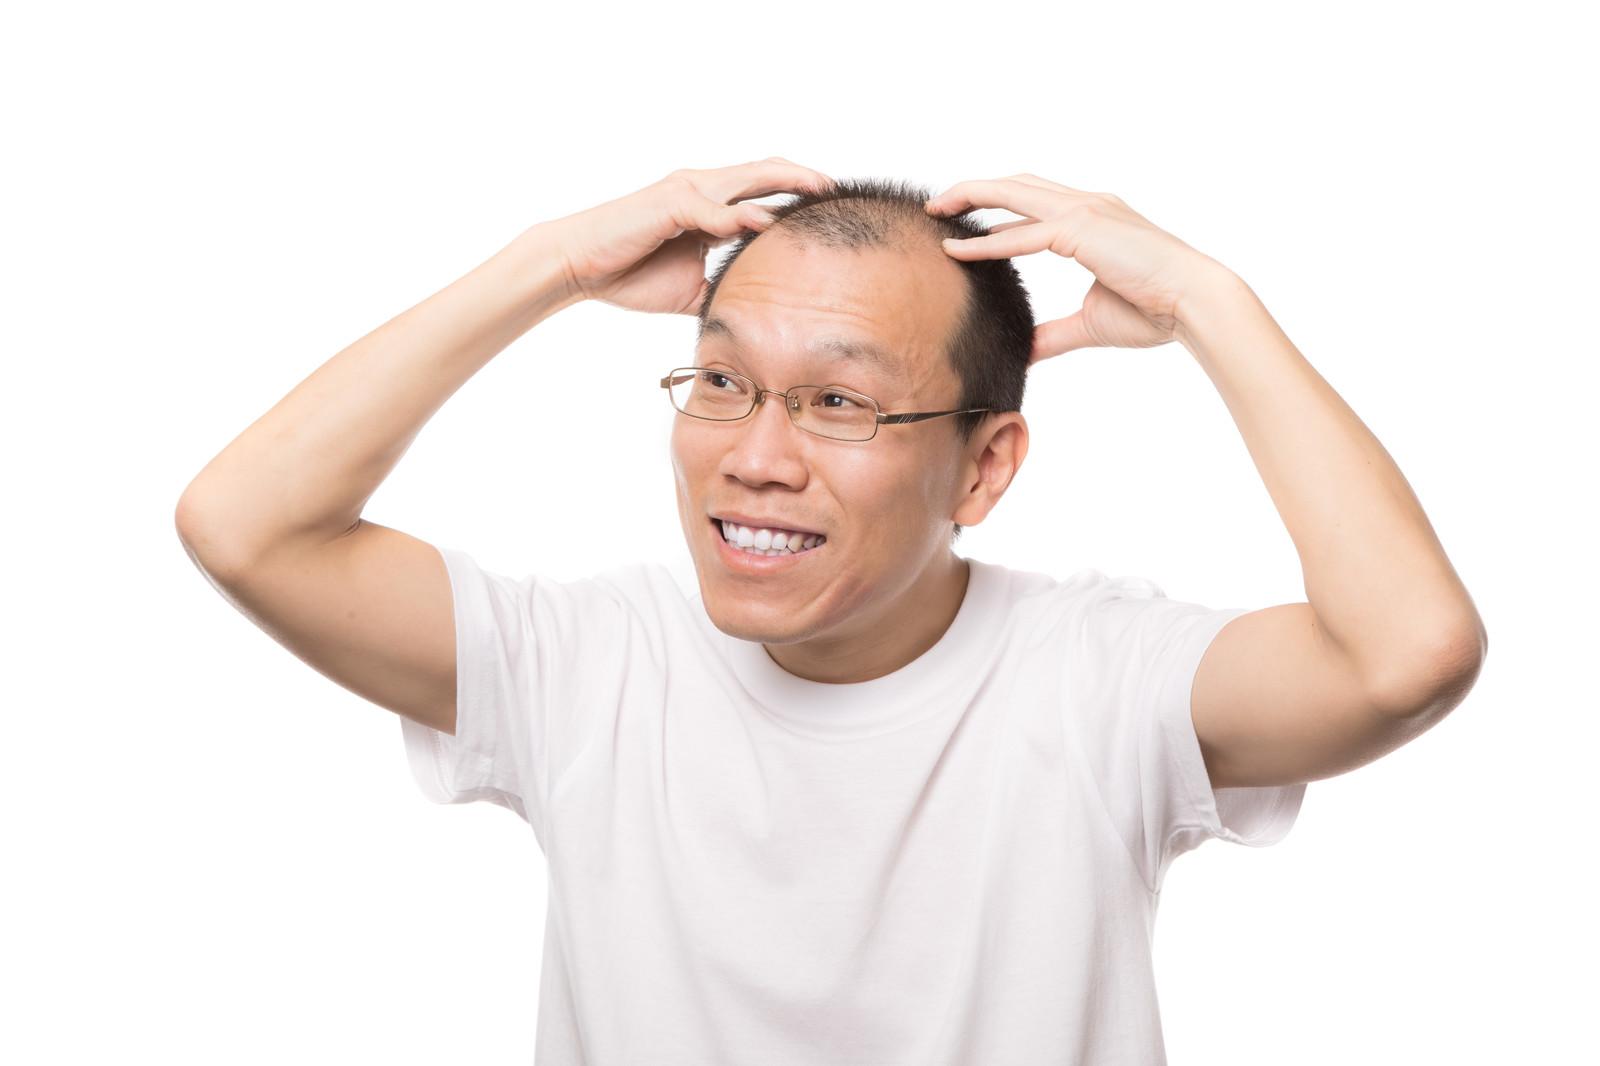 ハゲはモテないは本当か?行う事が勧められているAGA治療・薄毛対策4選